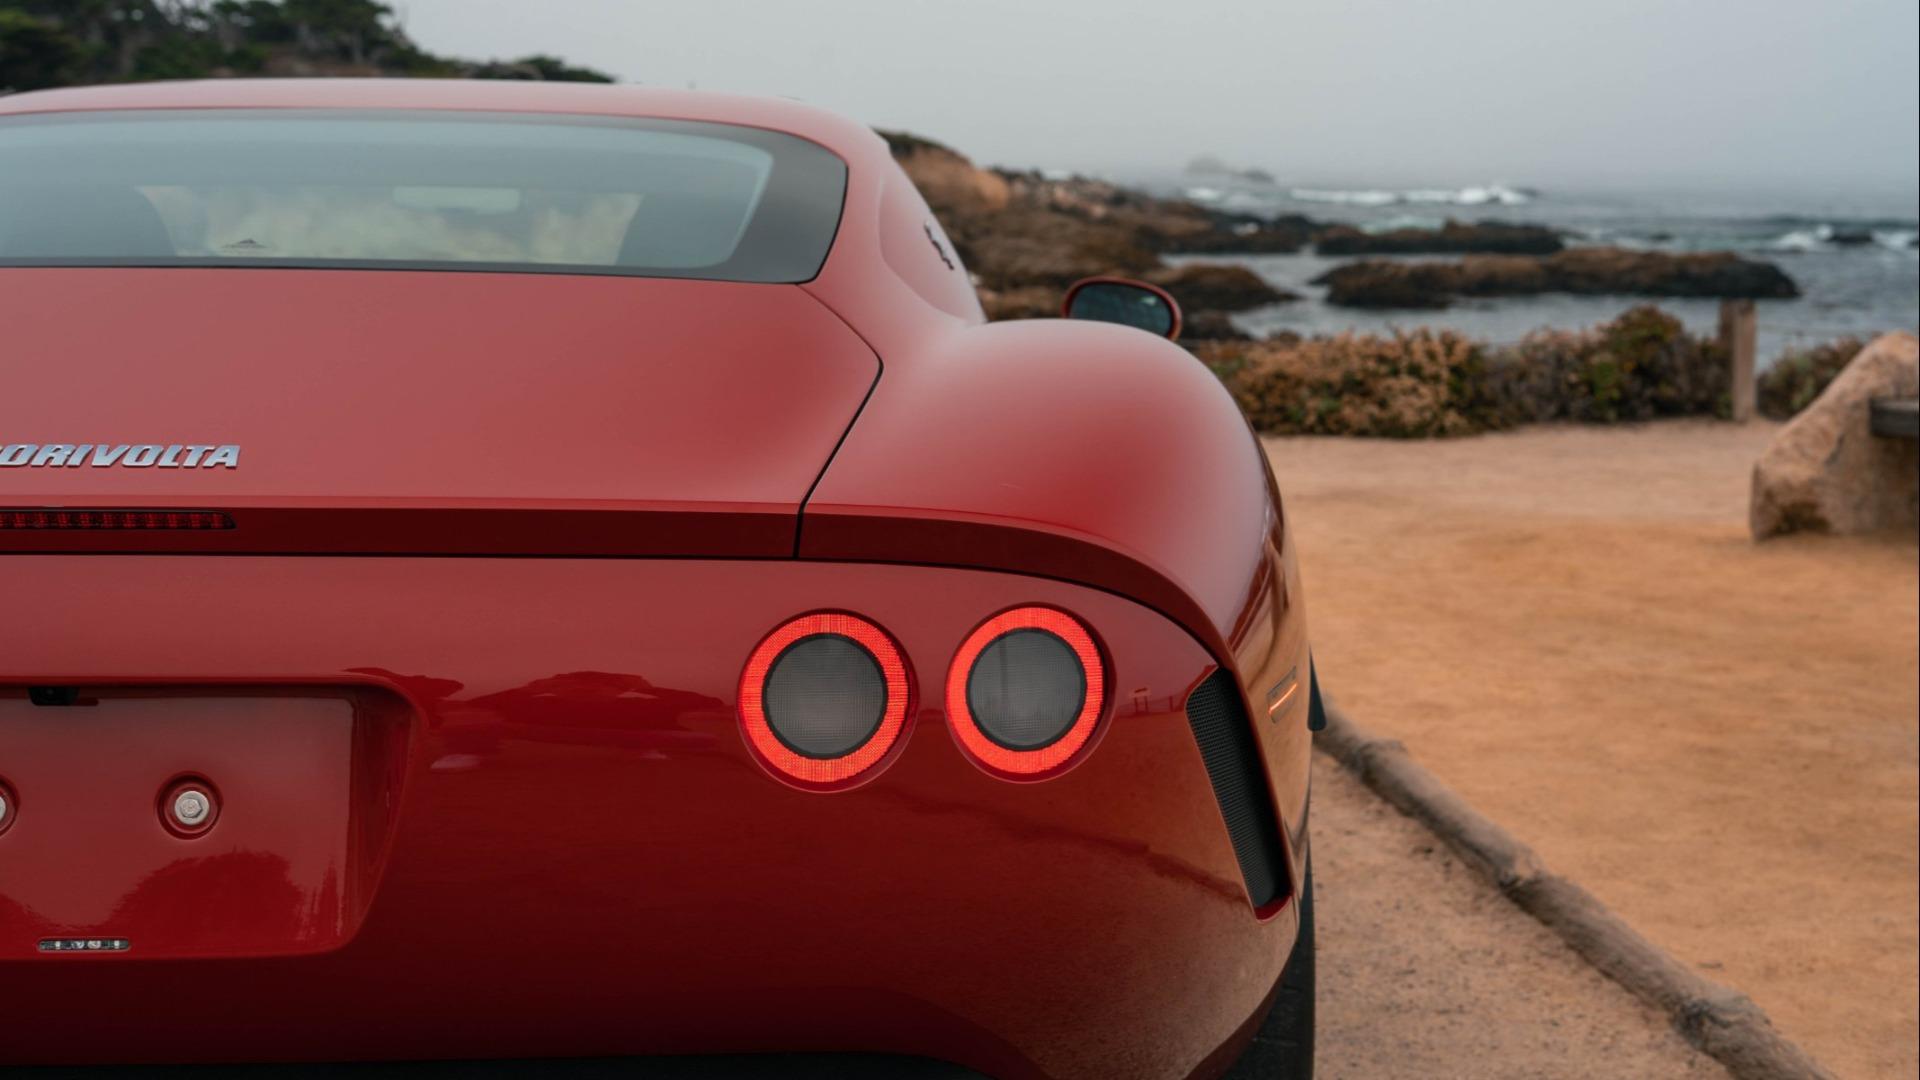 Vanskelig å si at dette er en C7 Corvette